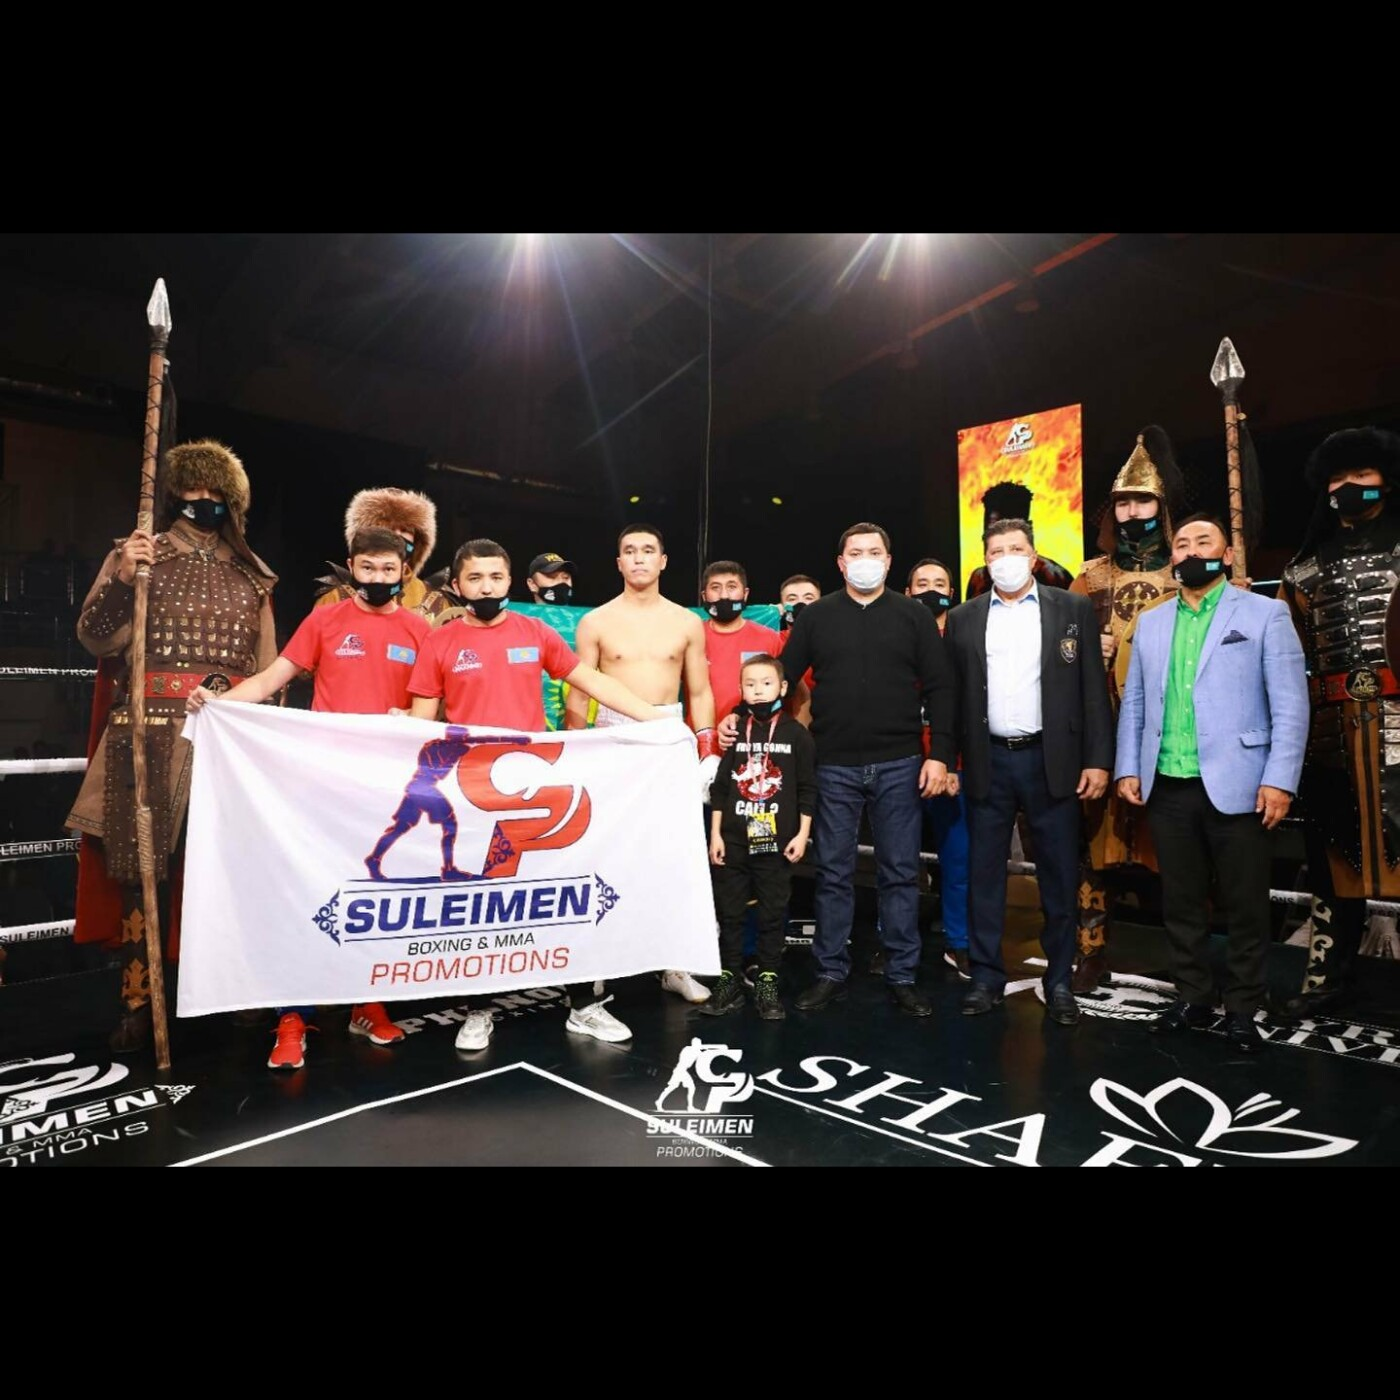 Вечер профессионального бокса провели в Атырау, фото-3